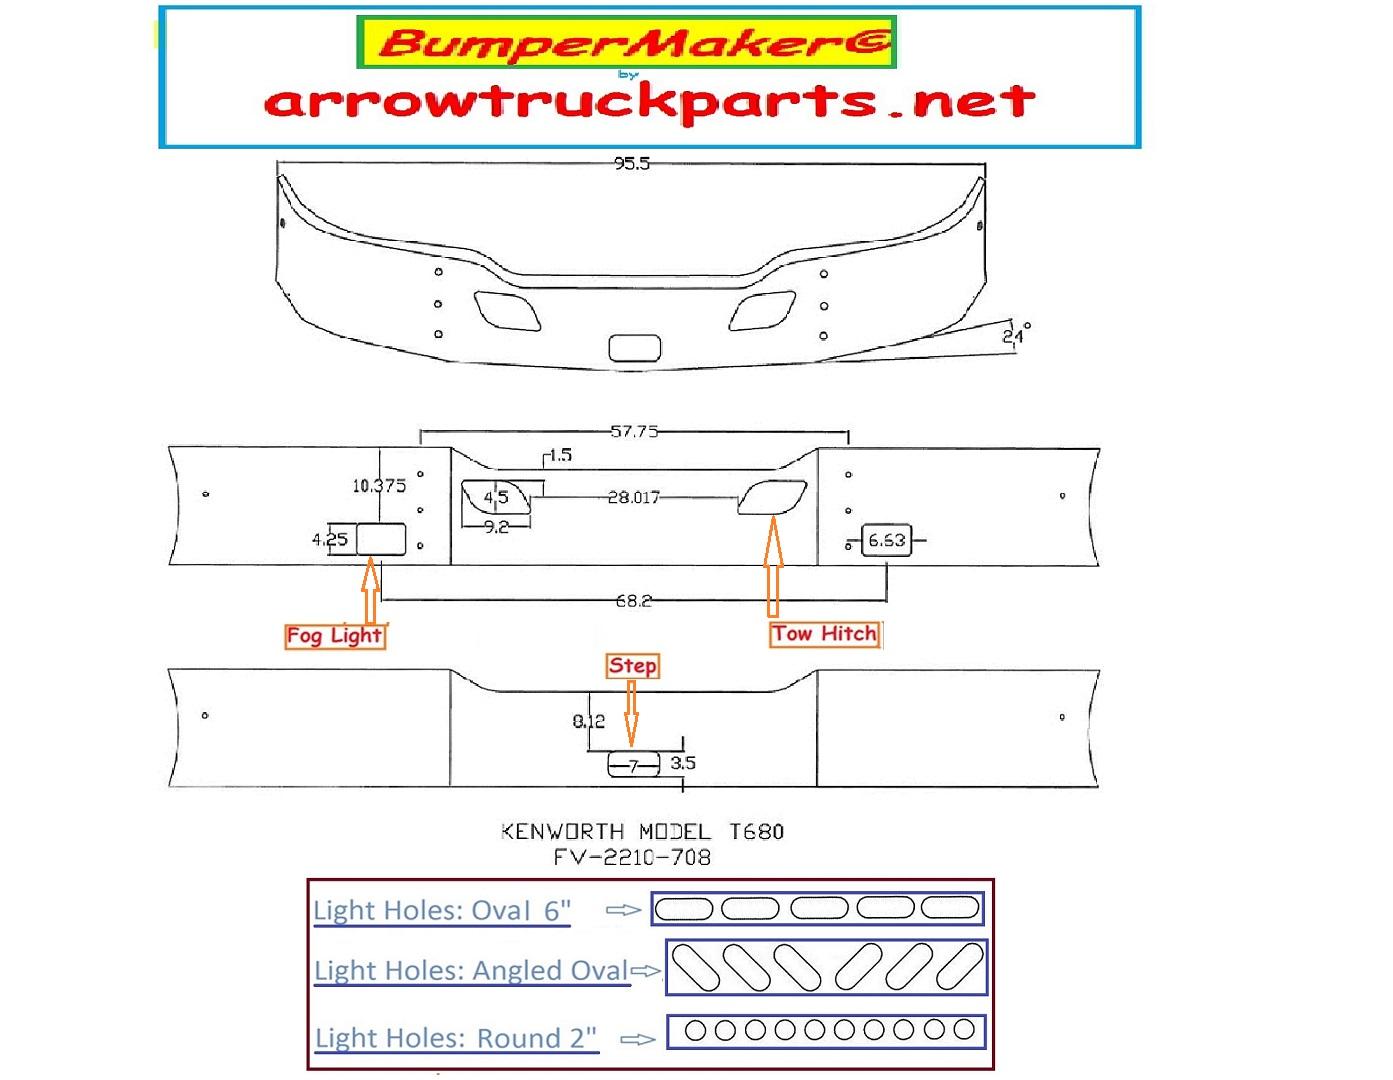 2007 Kenworth T600 Fuse Box Diagram : Kenworth t fuse box wiring